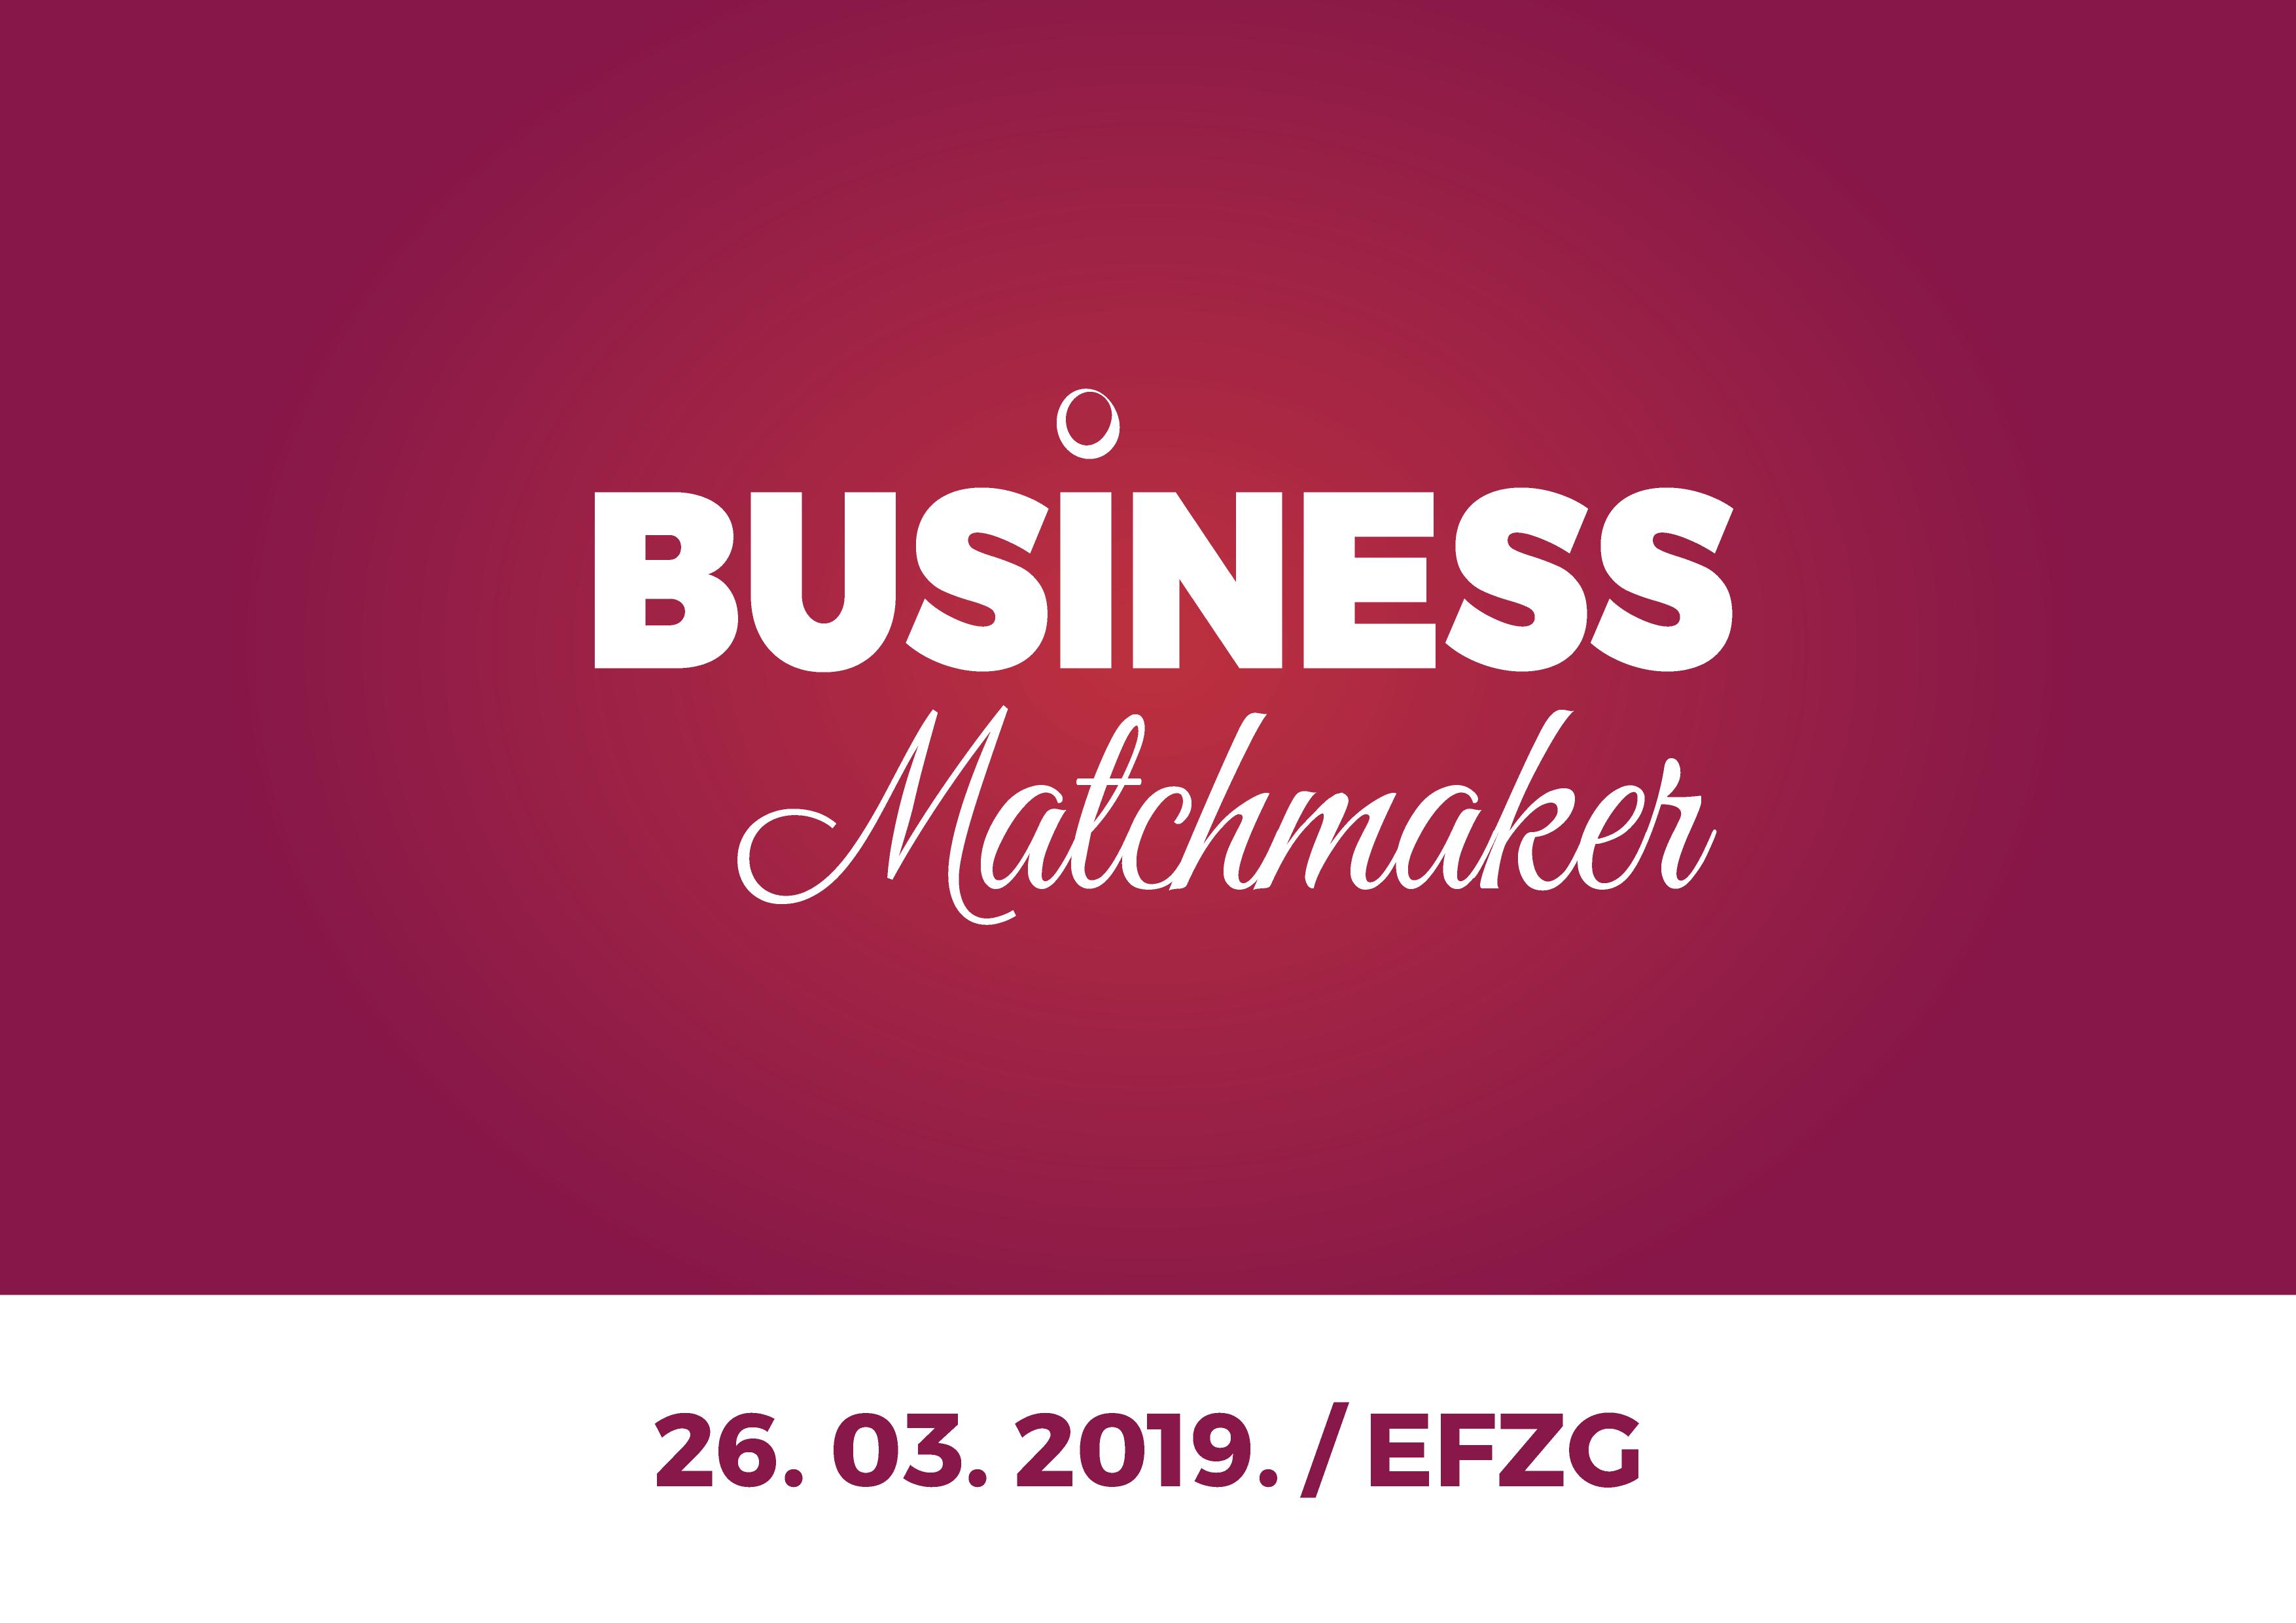 Business-Matchmaker